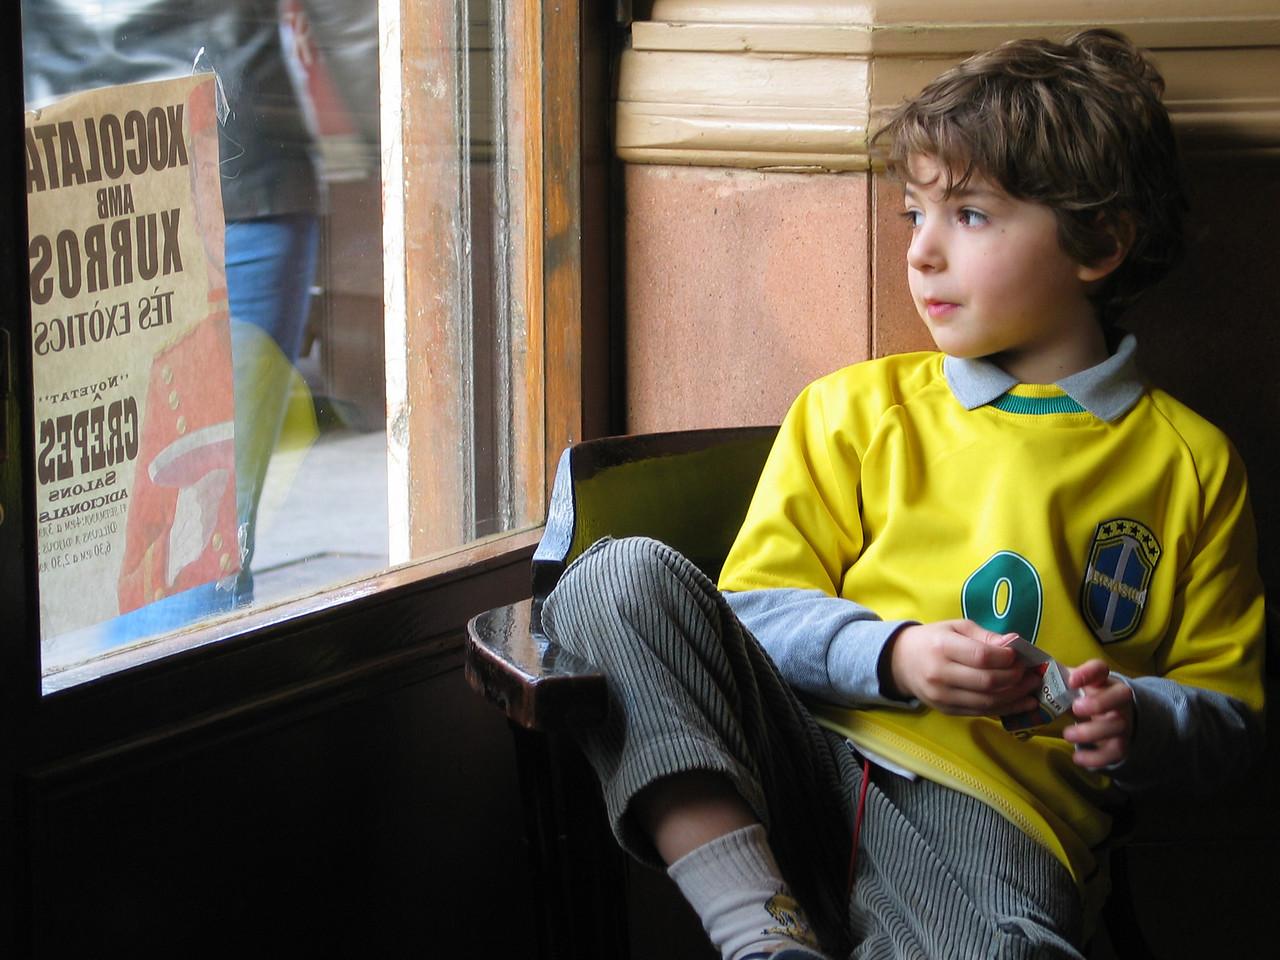 Barcelona, Spain, January 2003